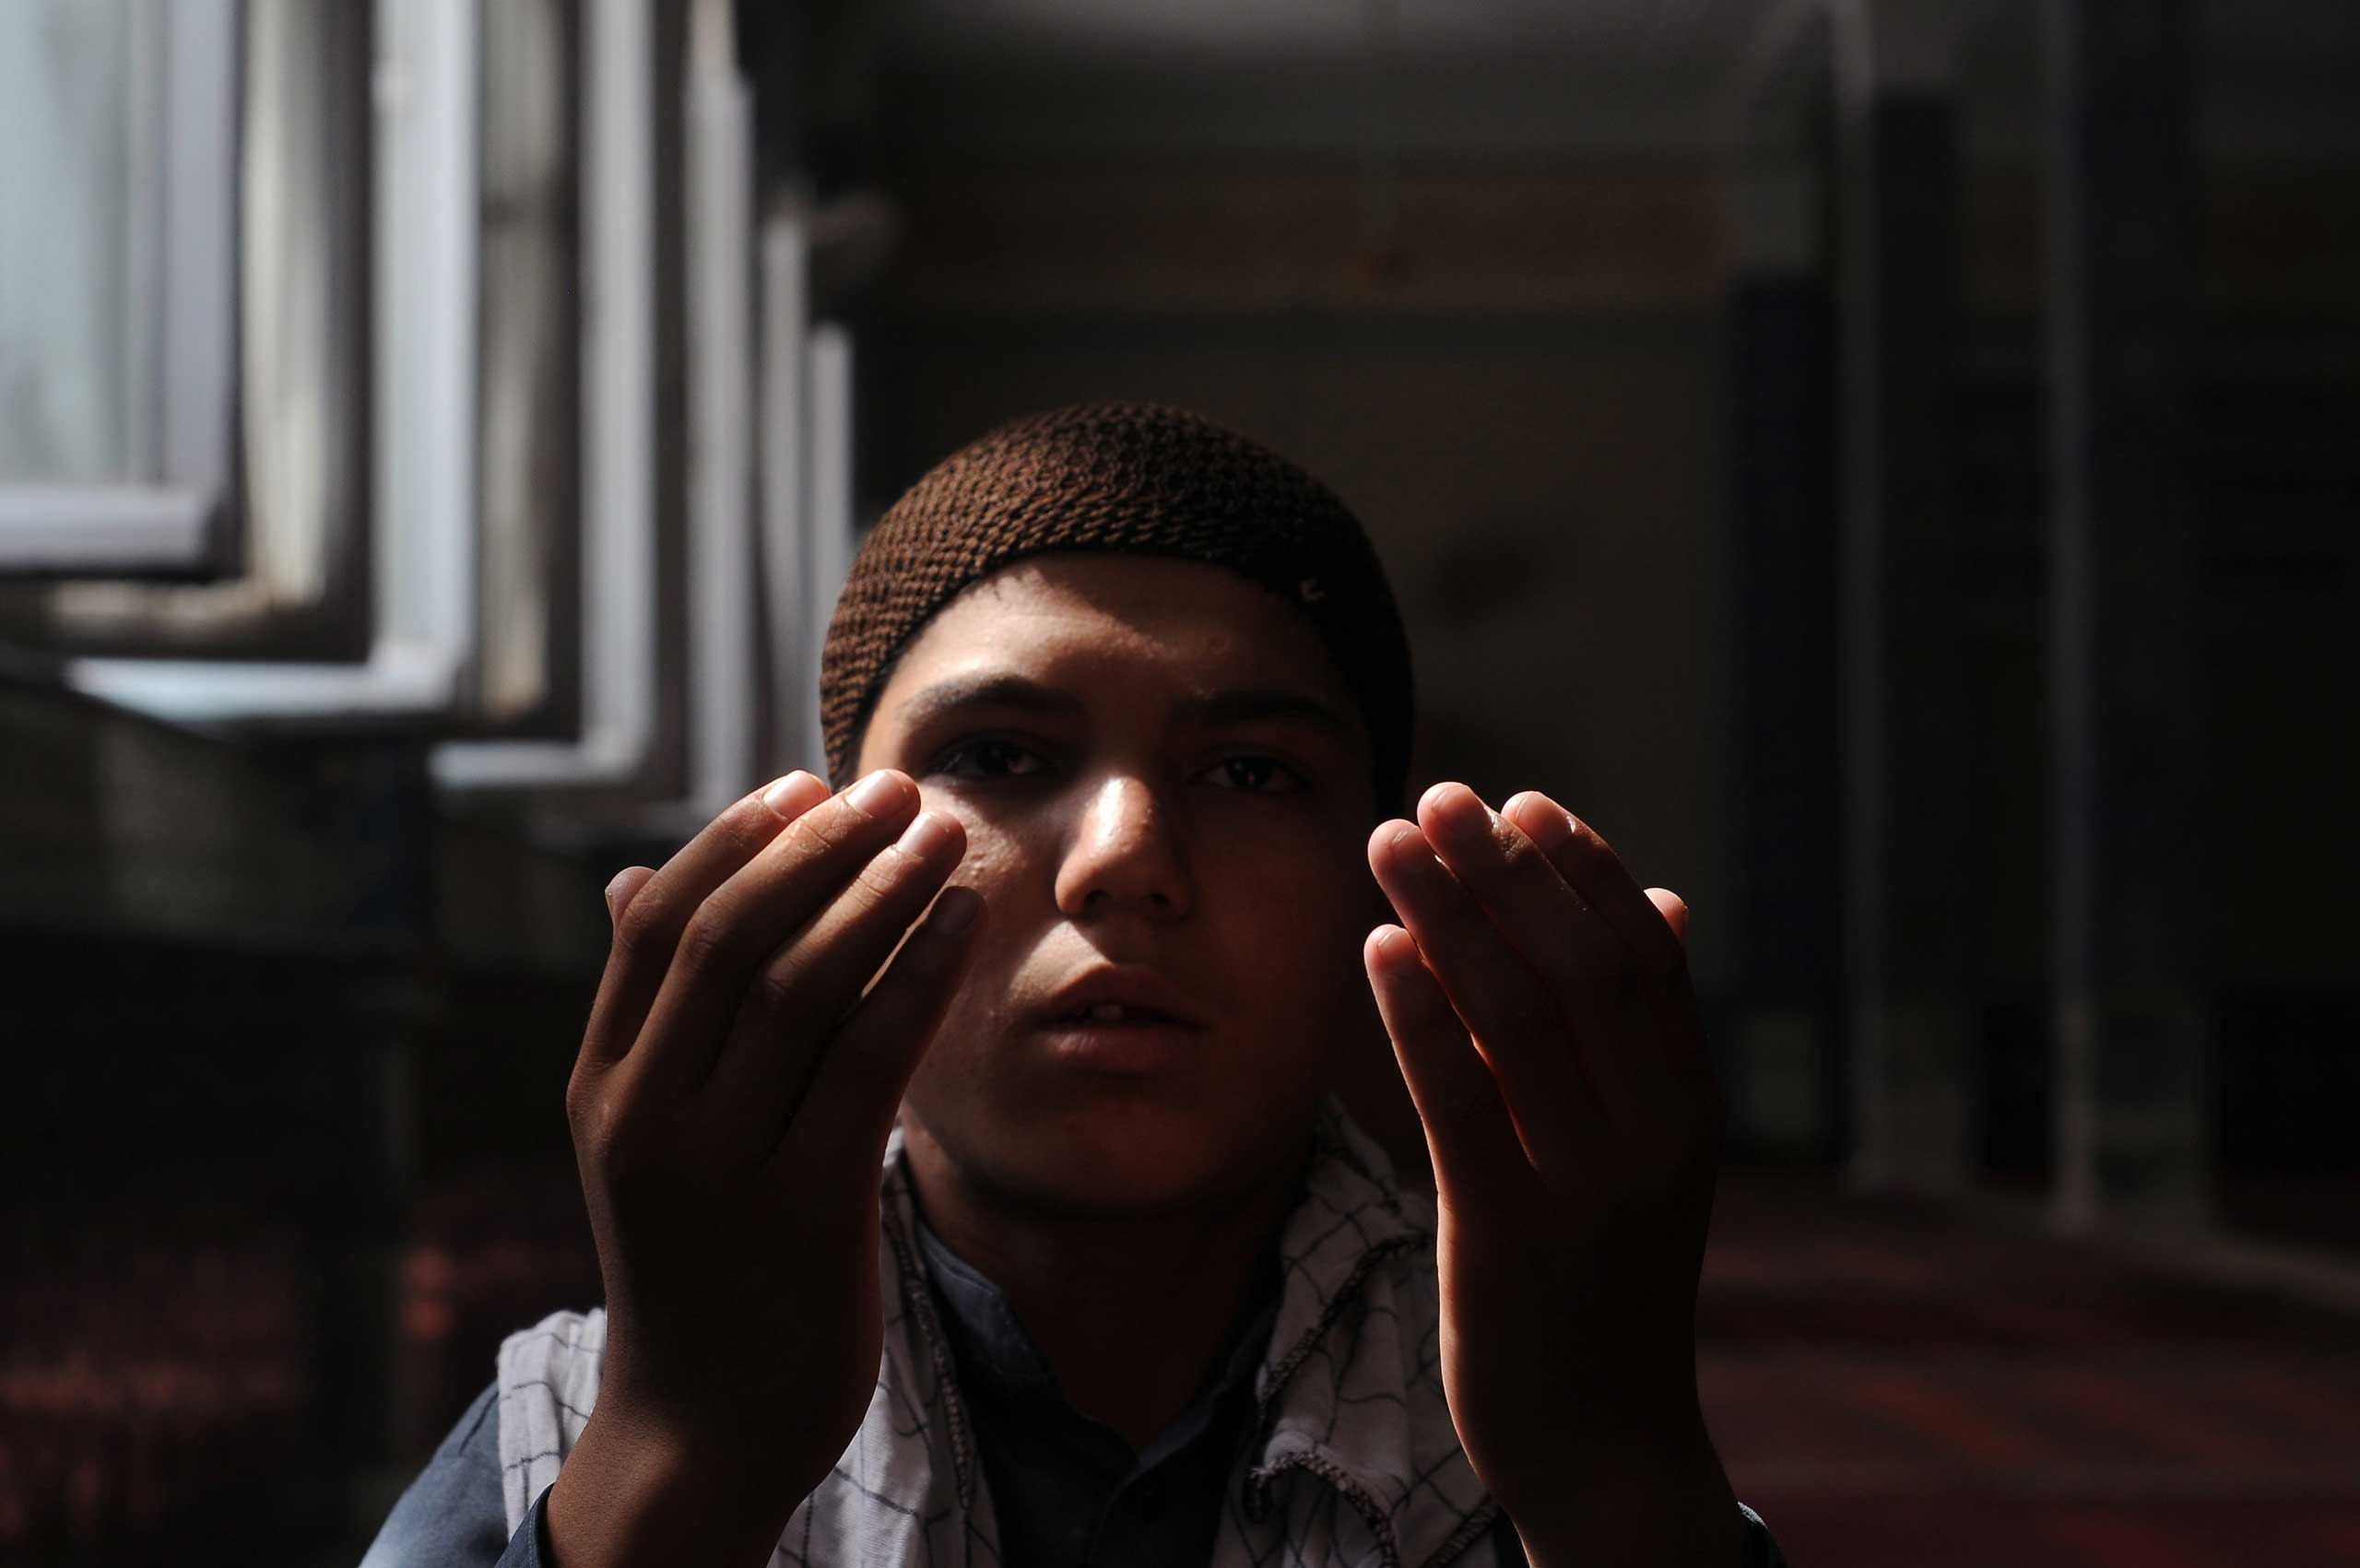 An Afghan boy attends Eid al-Fitr prayers in Mazar-i-Sharif, Afghanistan, on July 17, 2015.